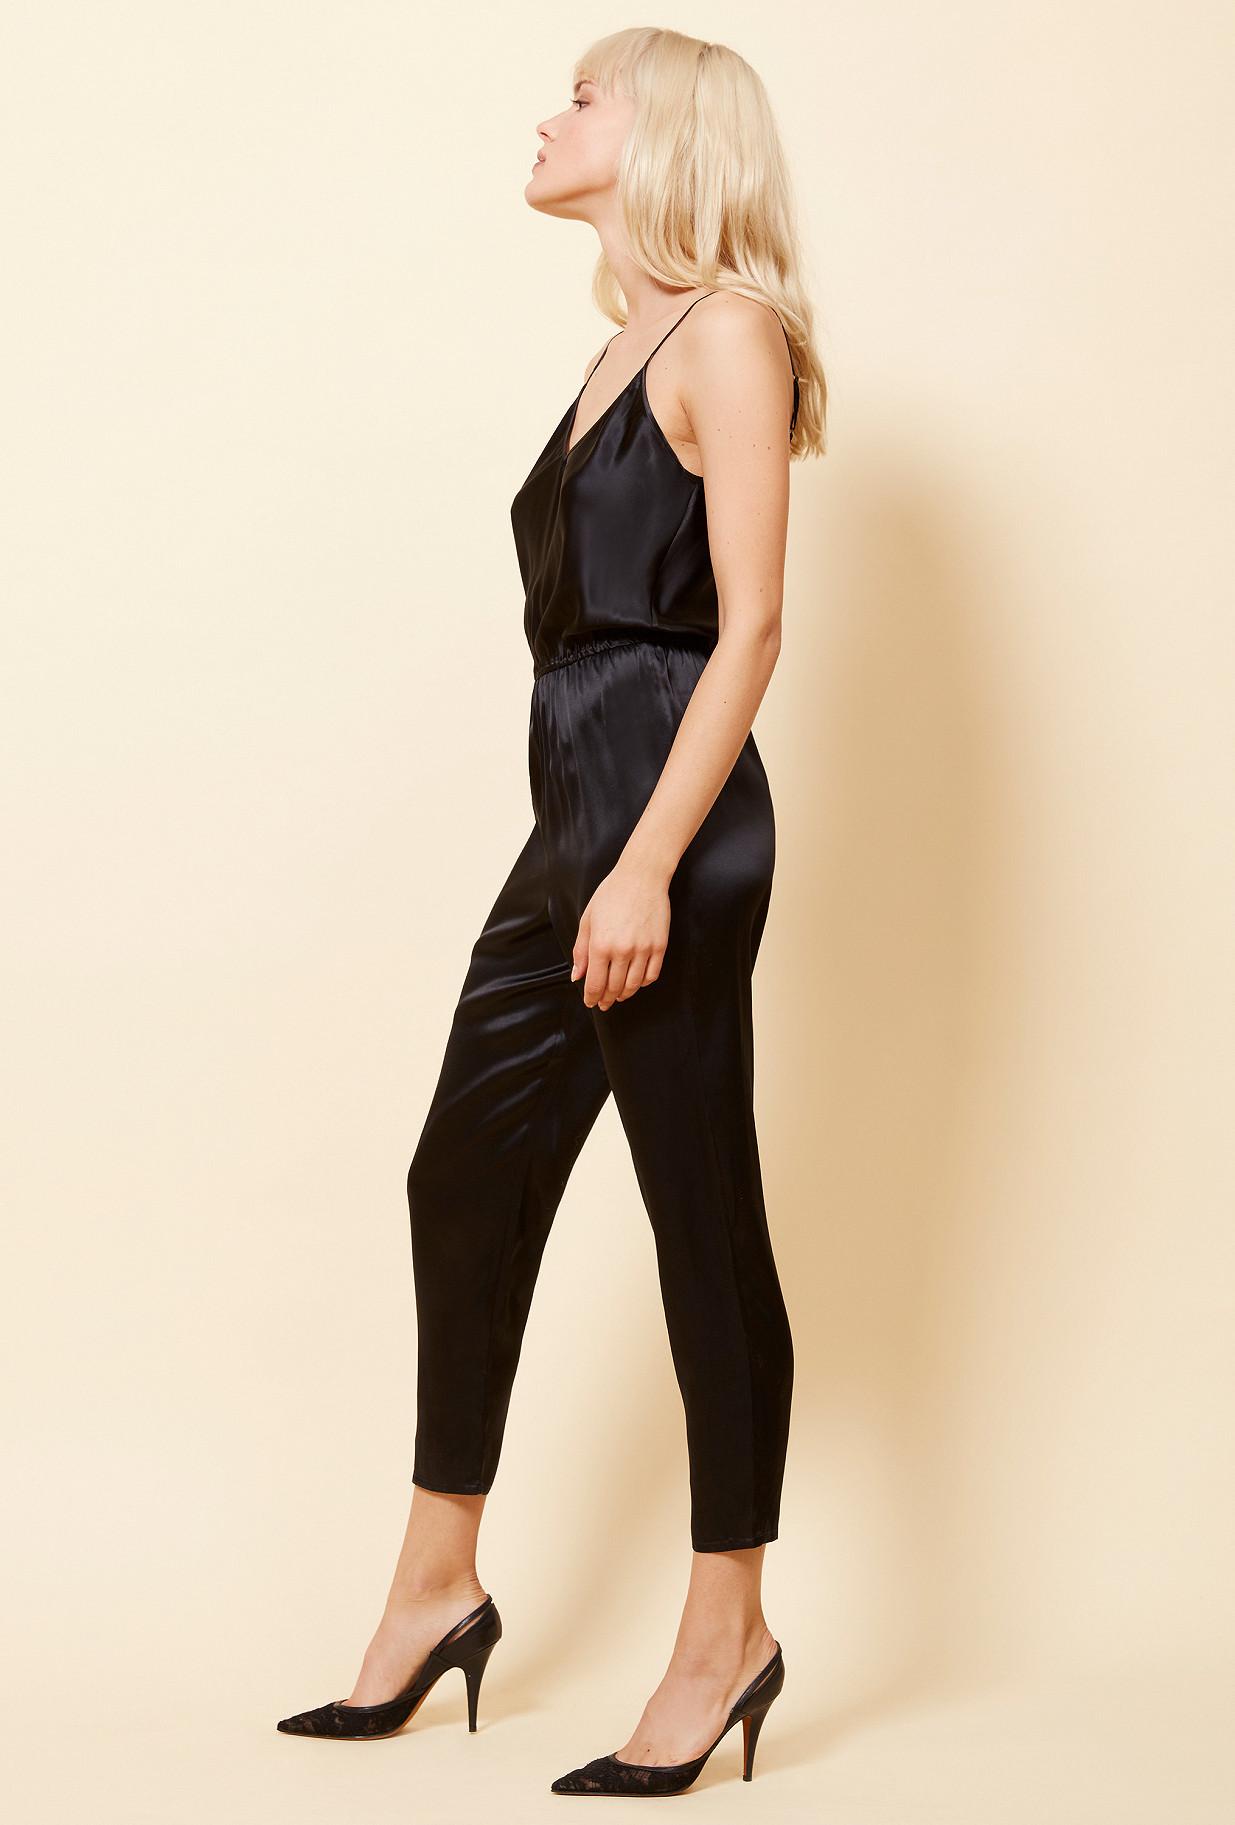 Paris clothes store Jumpsuit  Almond french designer fashion Paris